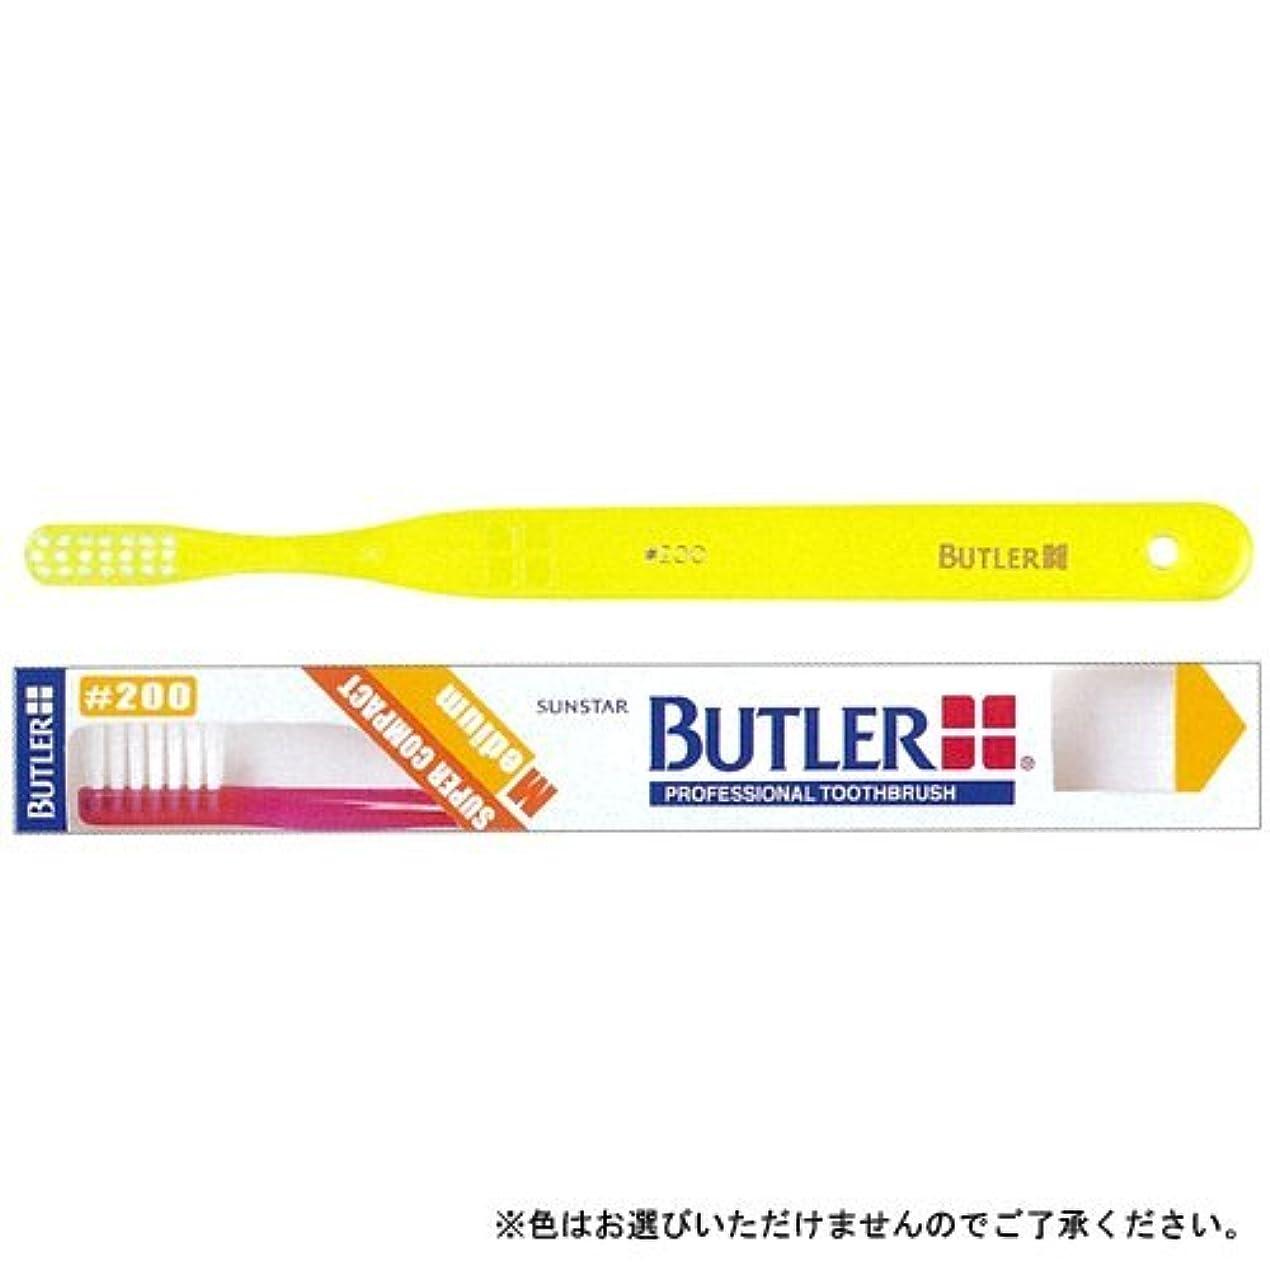 爆風忌まわしい堂々たるサンスター バトラー 歯ブラシ #200